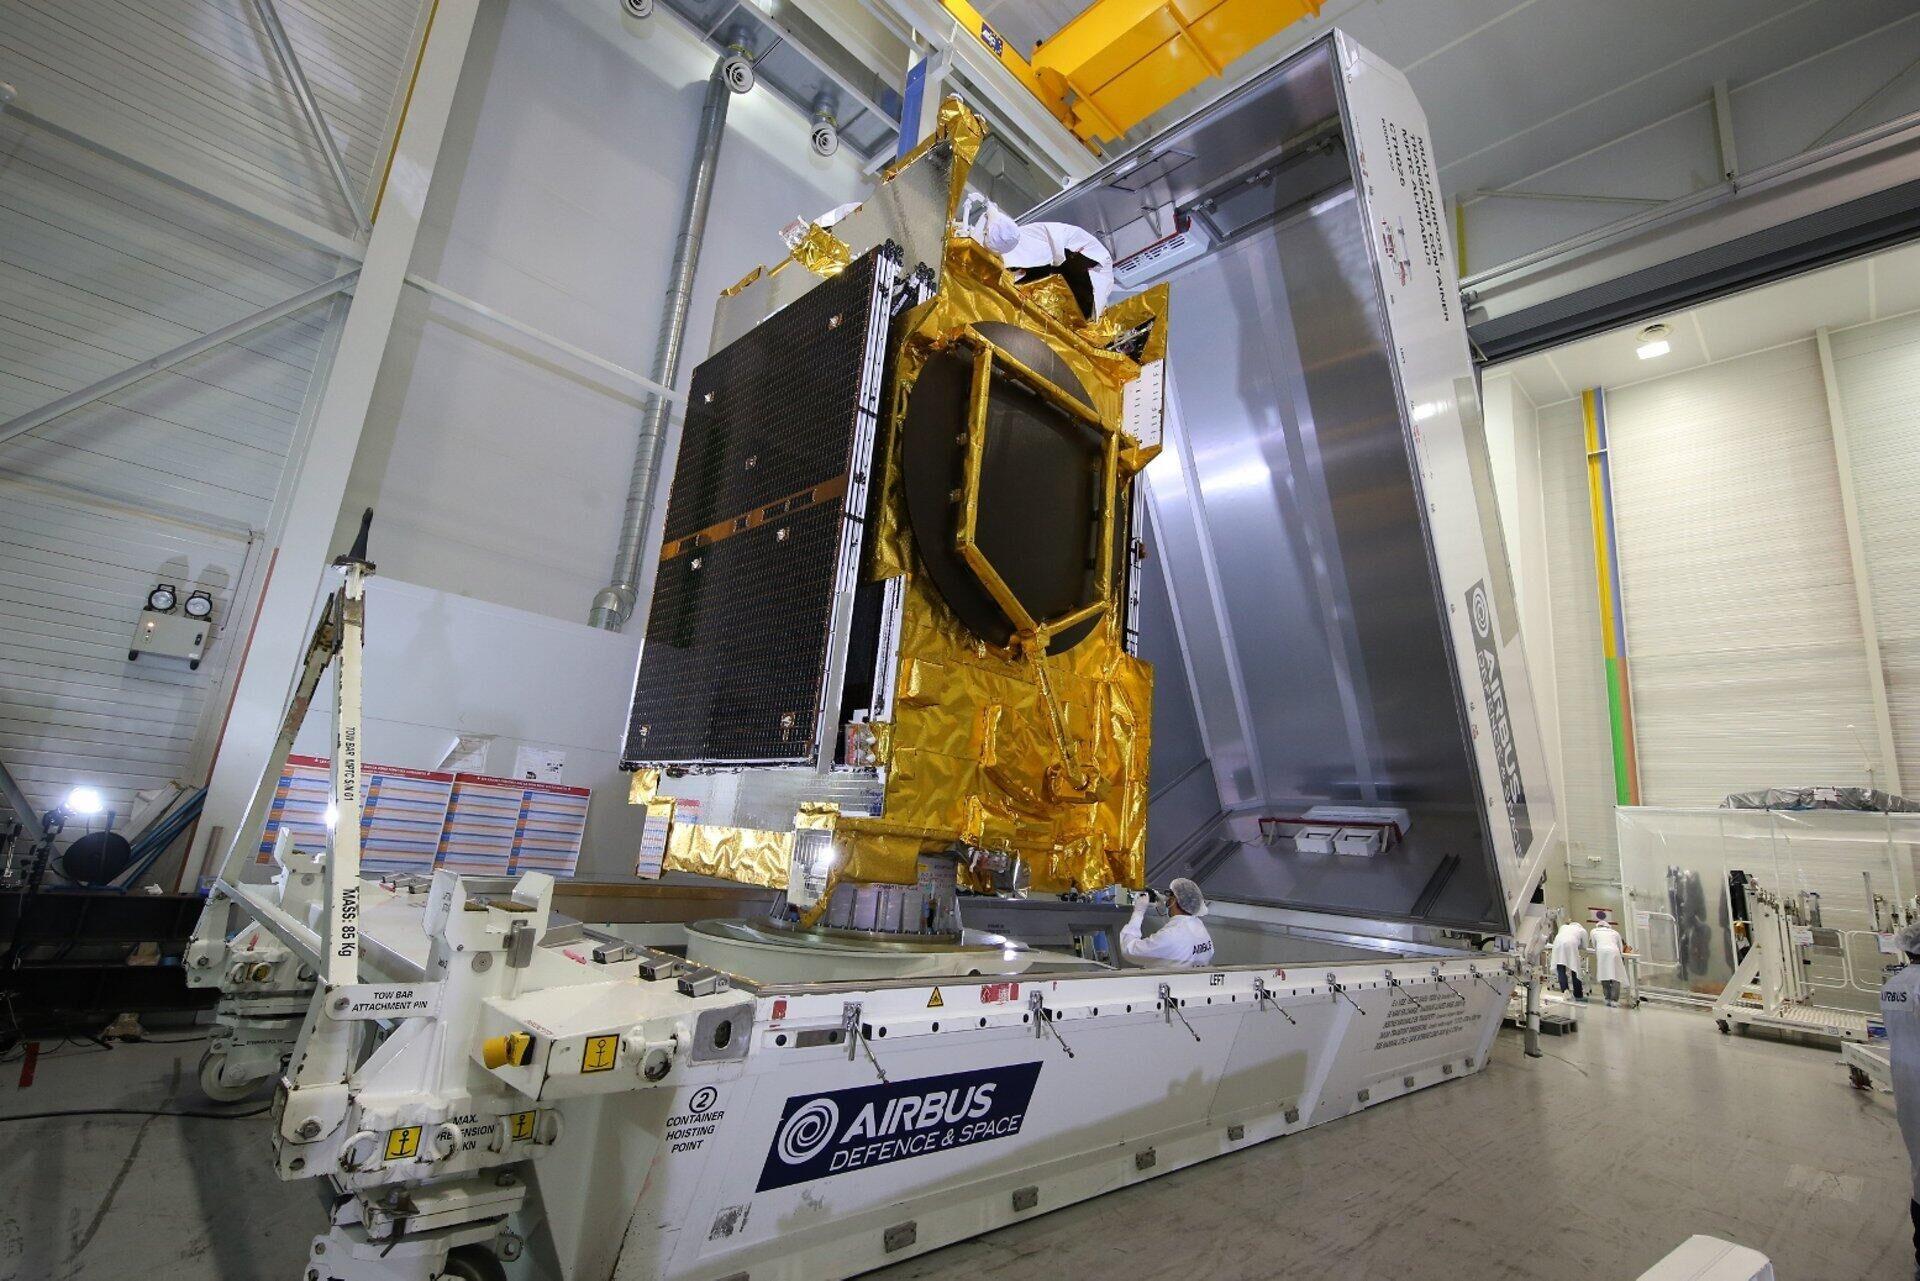 韩国首颗军用通信卫星在美发射 有助韩军收回战时指挥权